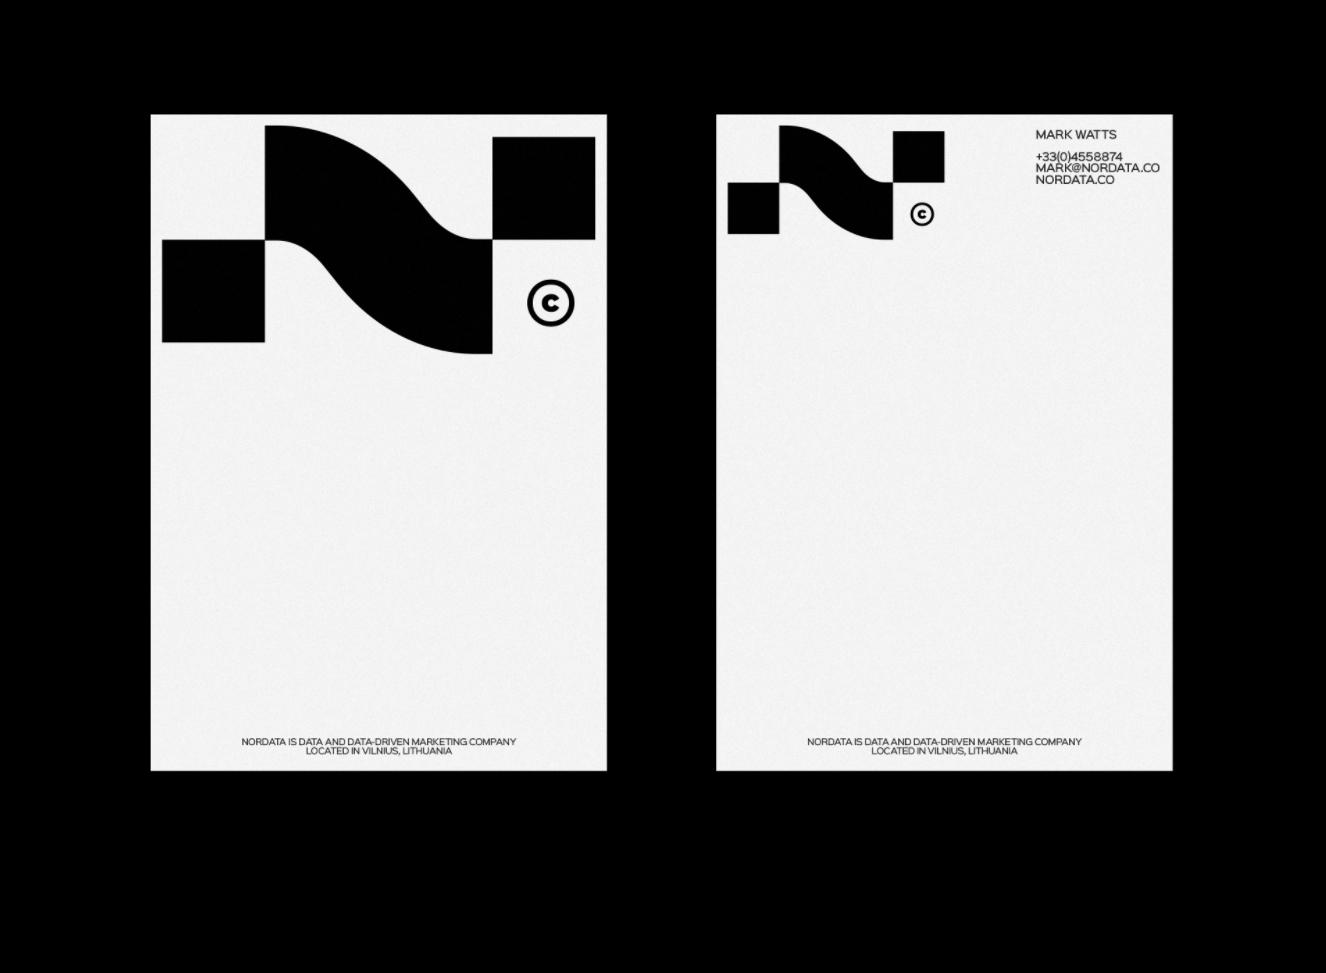 younique studio — Nordata